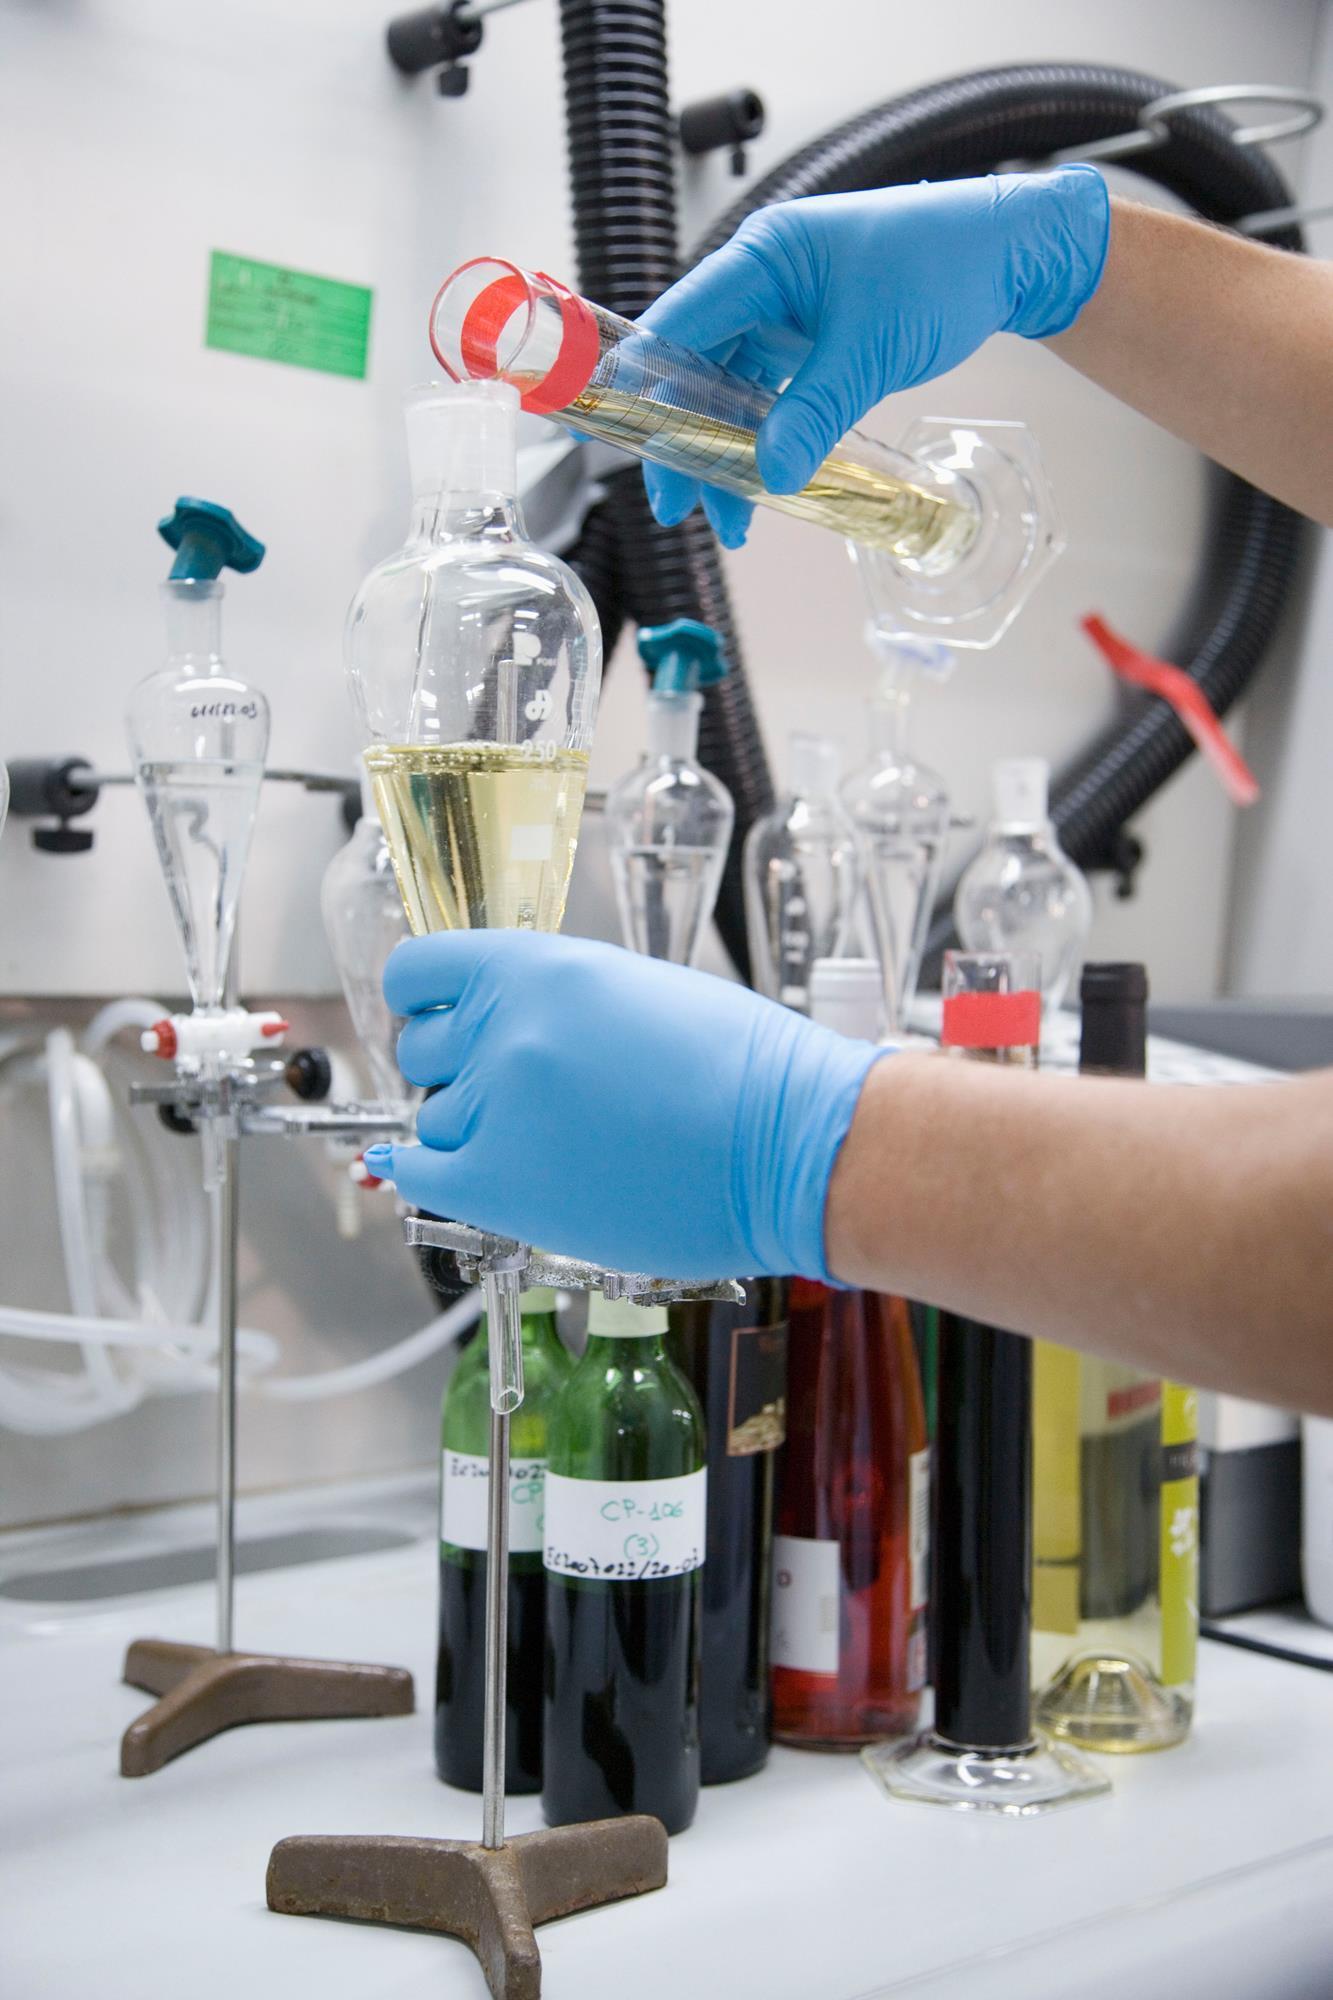 Radiocarbon dating laboratorium Australië